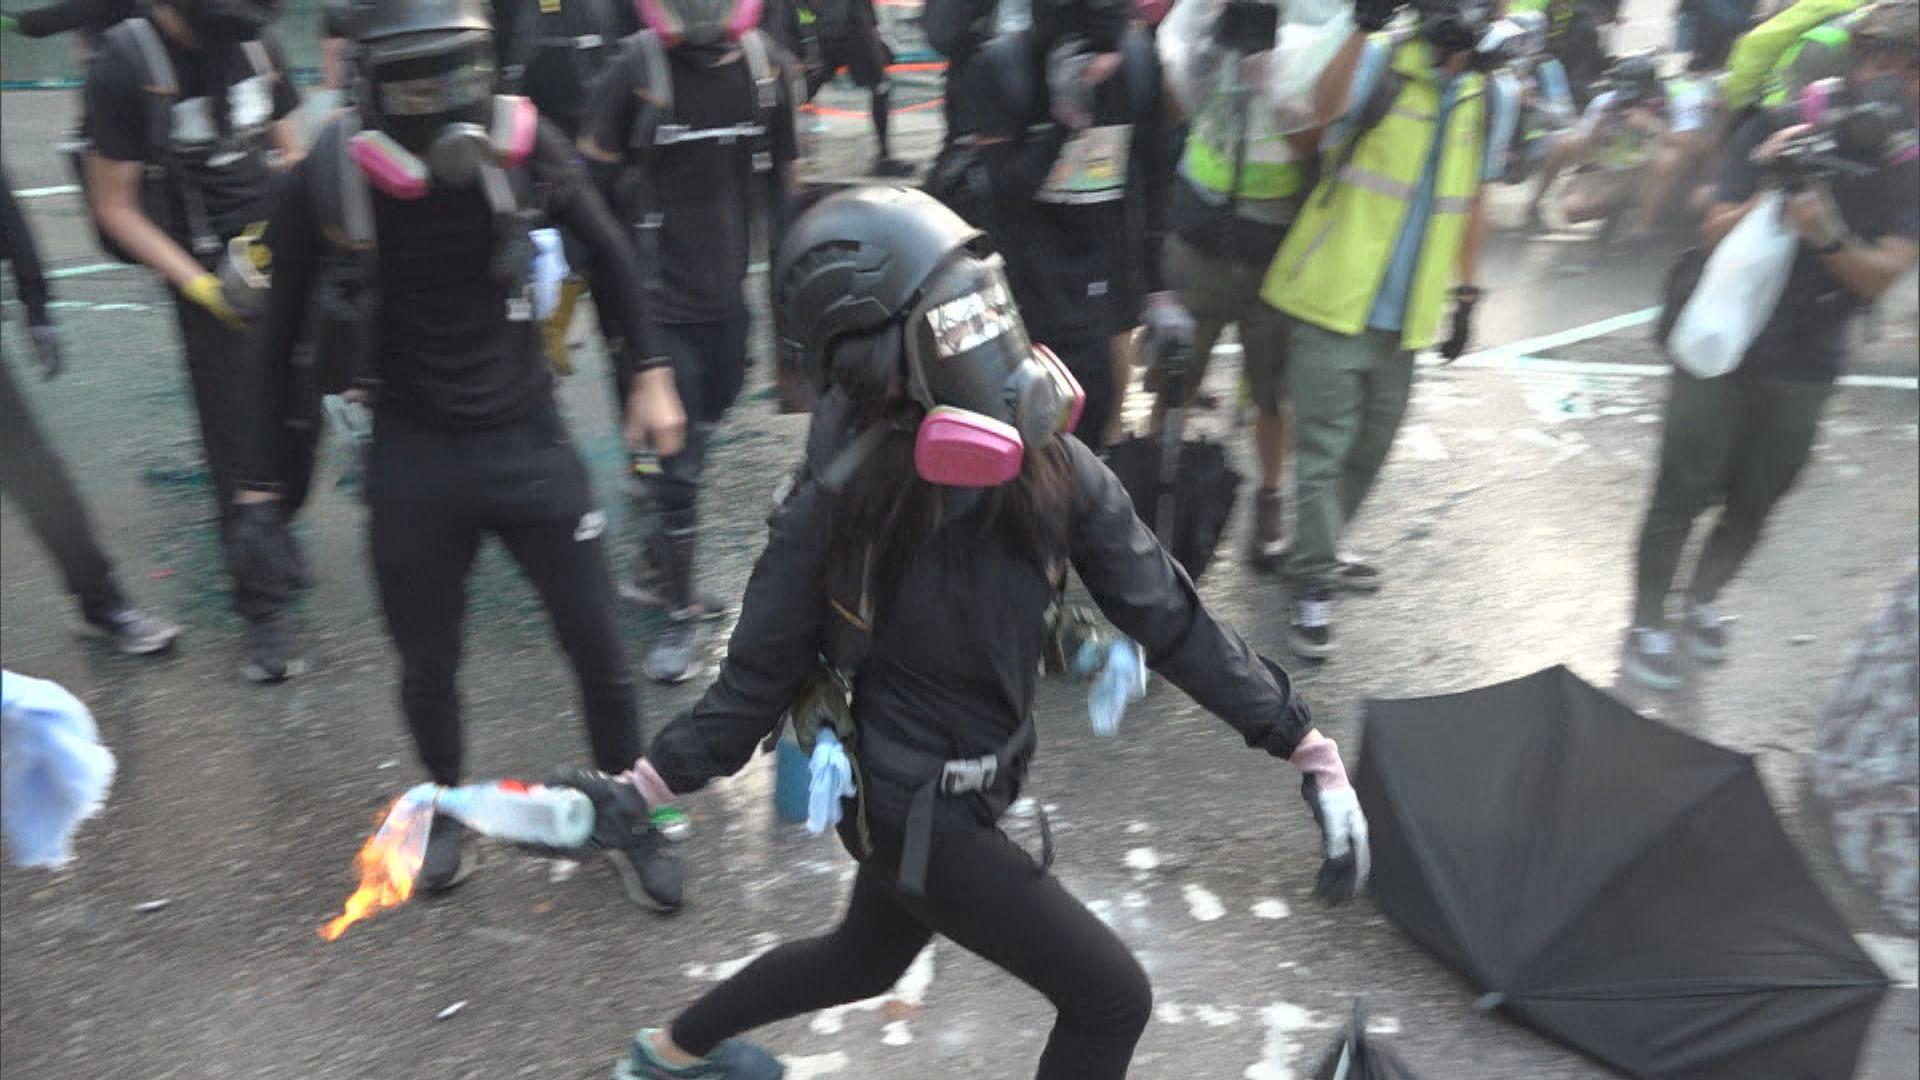 政總外再爆衝突 示威者投汽油彈水炮車出動